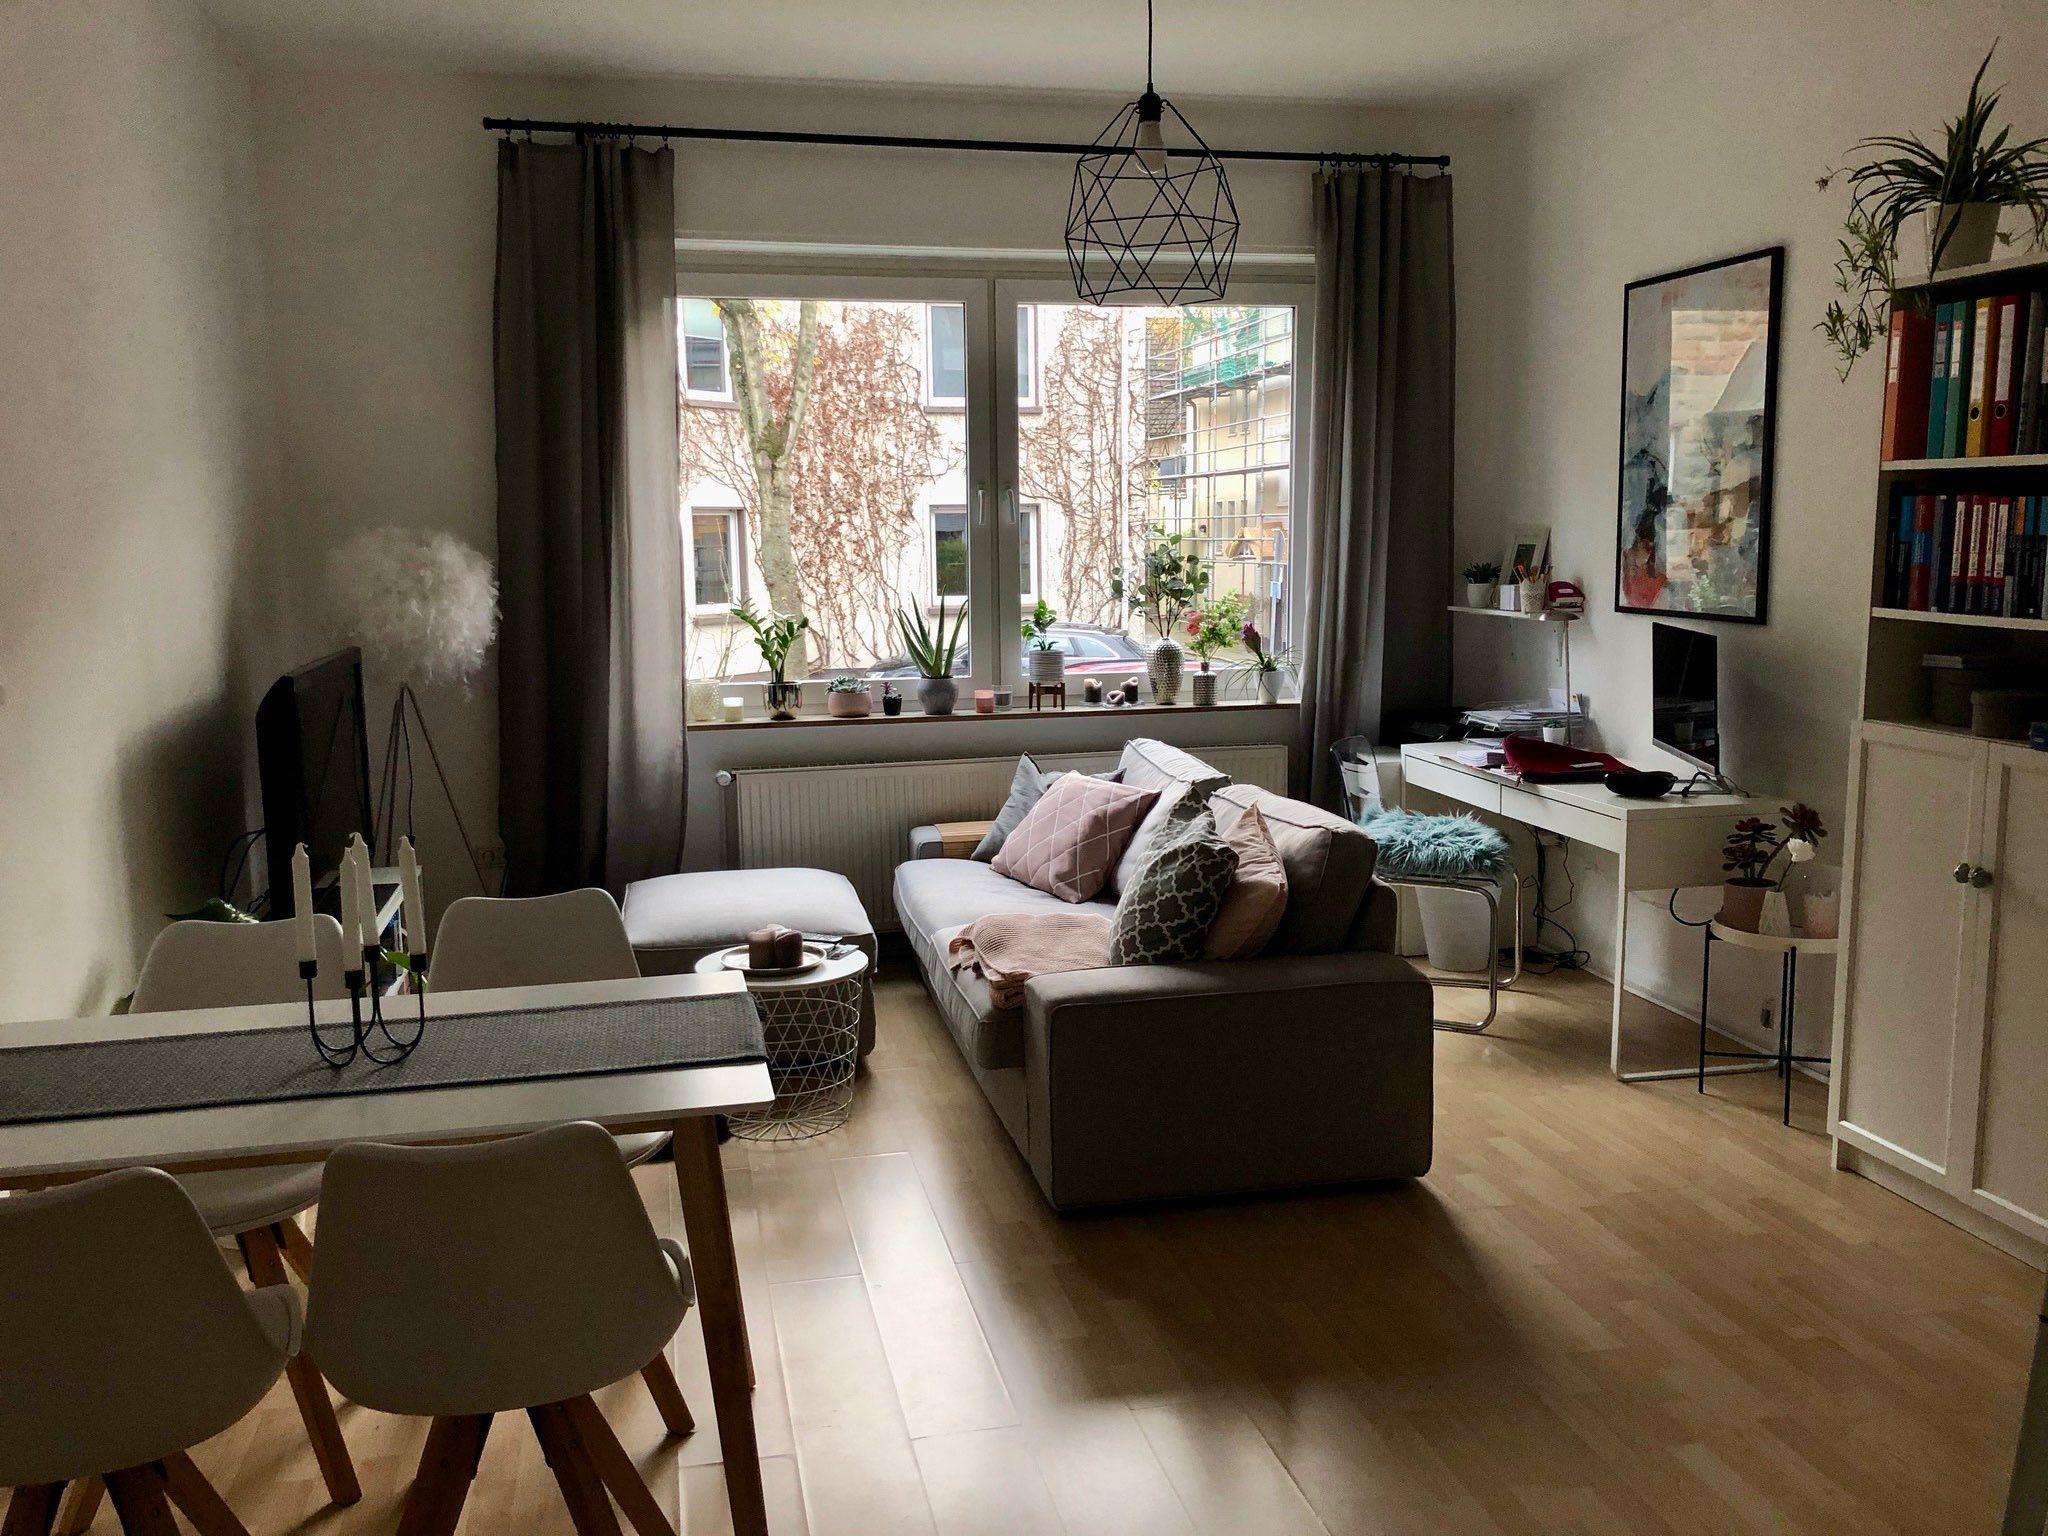 Schönes Wohn- und Esszimmer  Wohnung, Wohnen, Wohn esszimmer